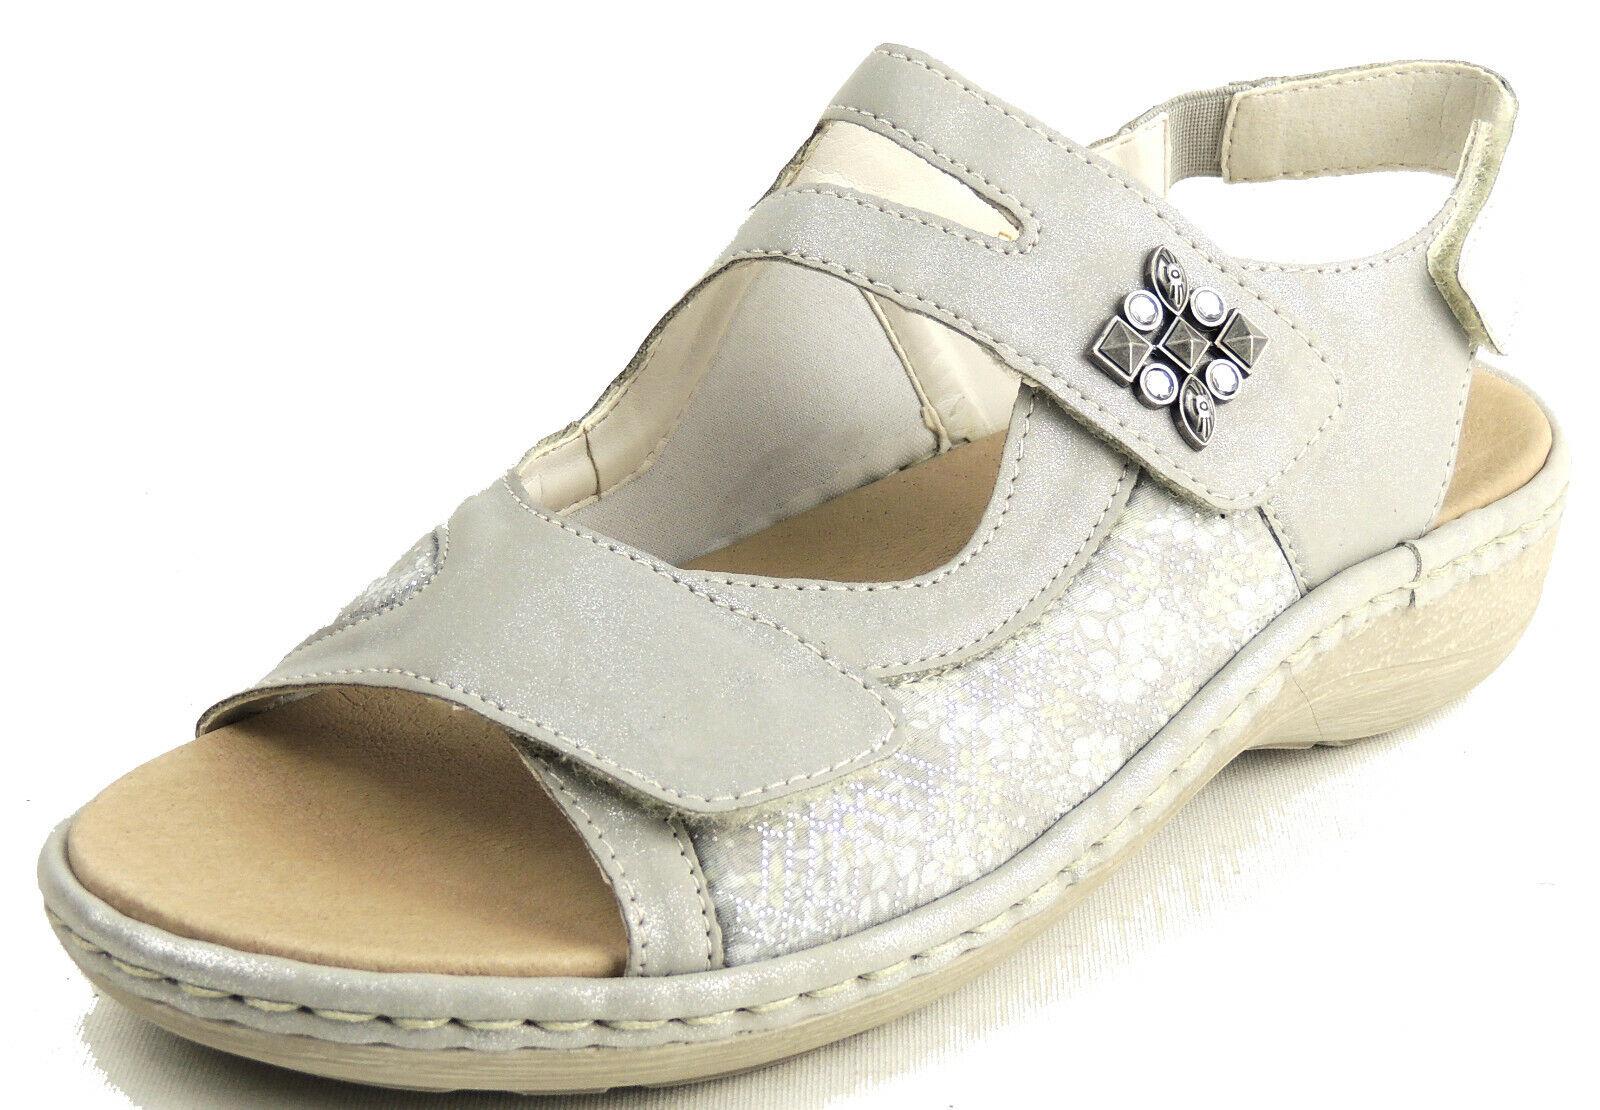 geeignet statt STRETCHEINSATZ Einlagen KLETT Sandale Damen